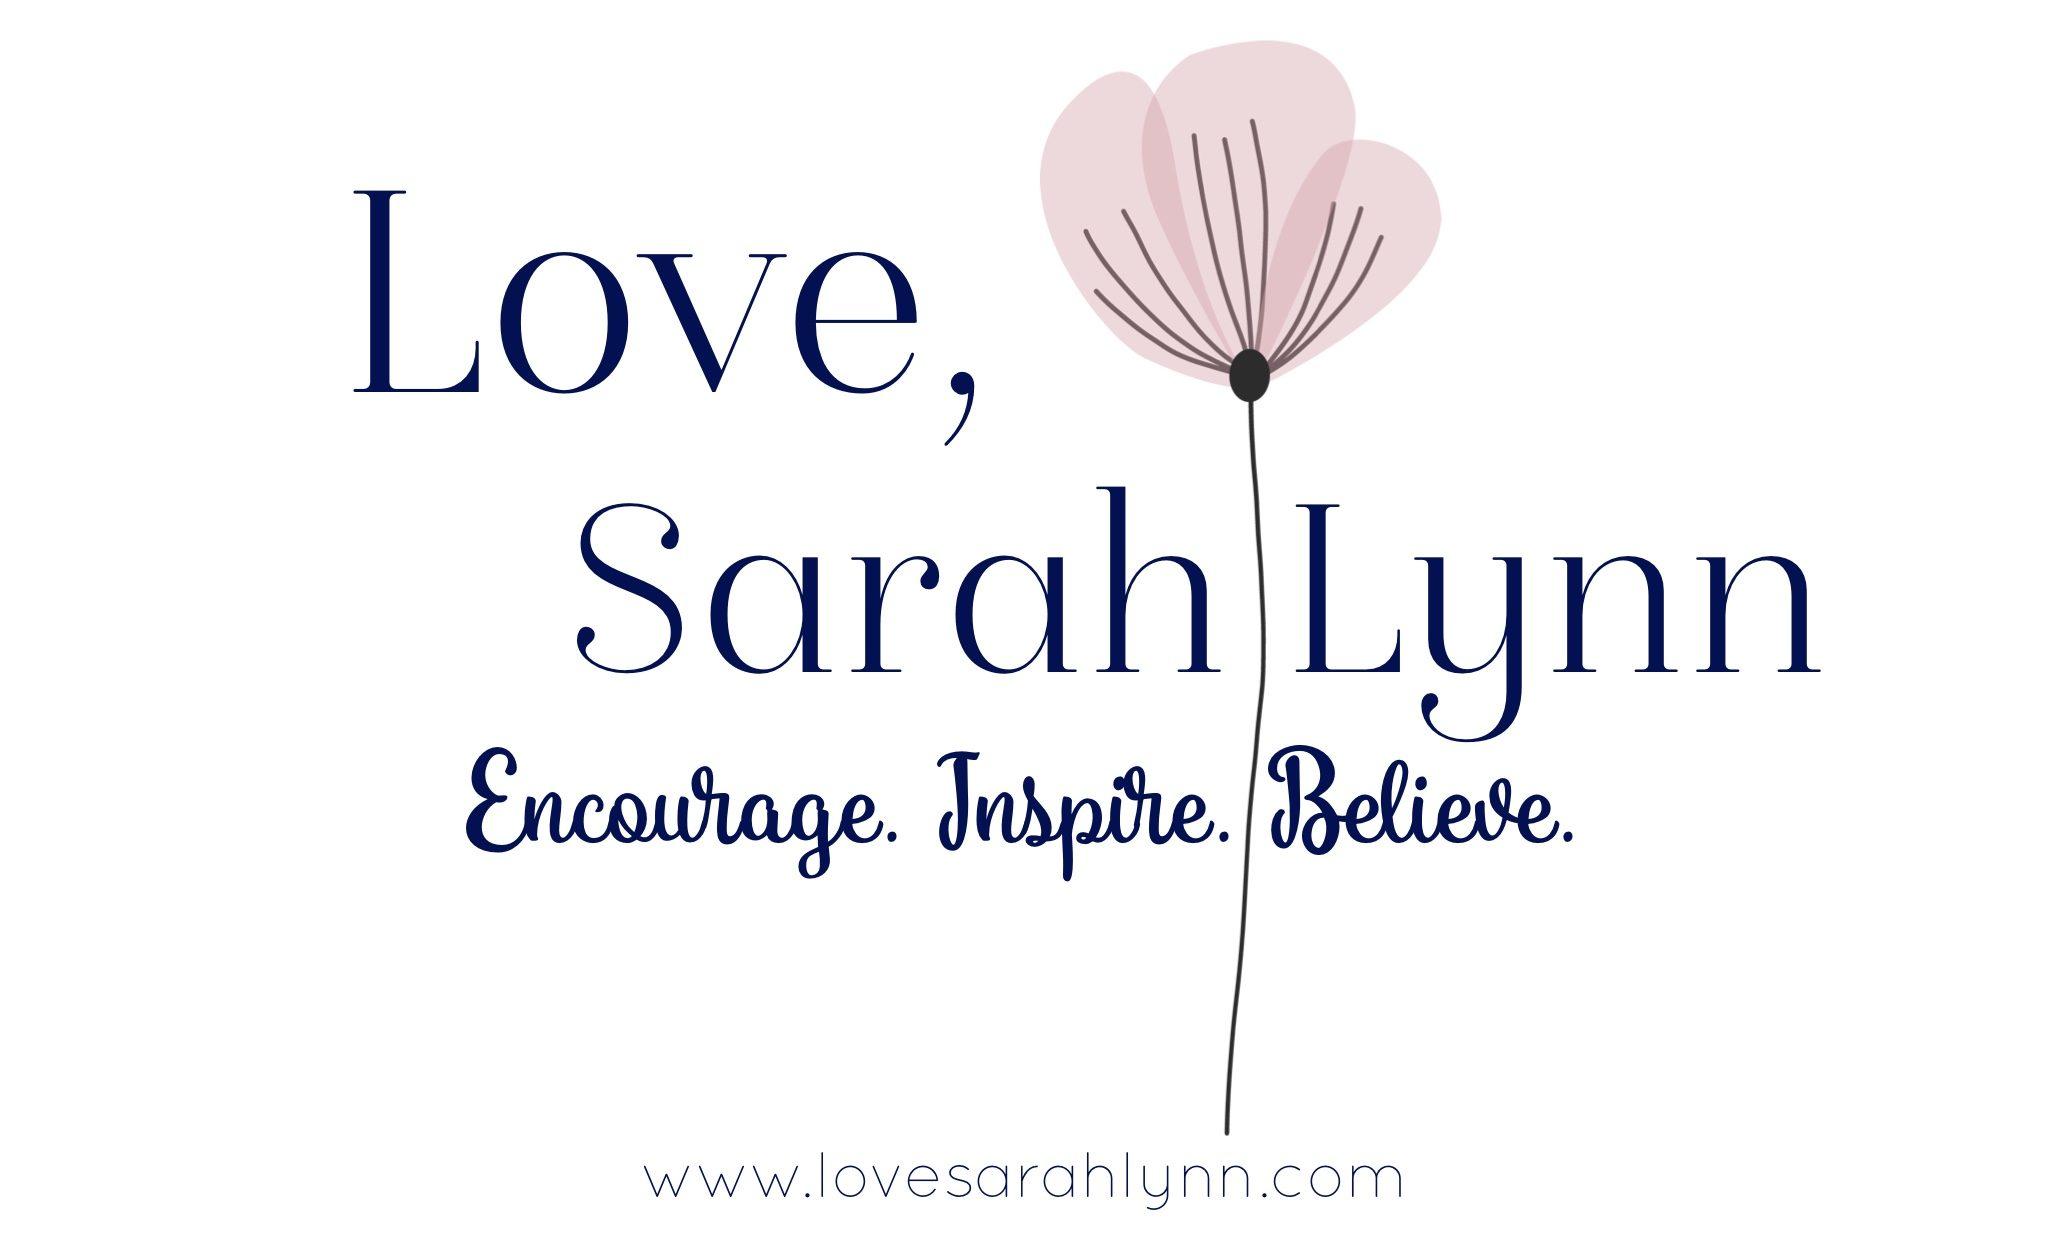 Love, Sarah Lynn